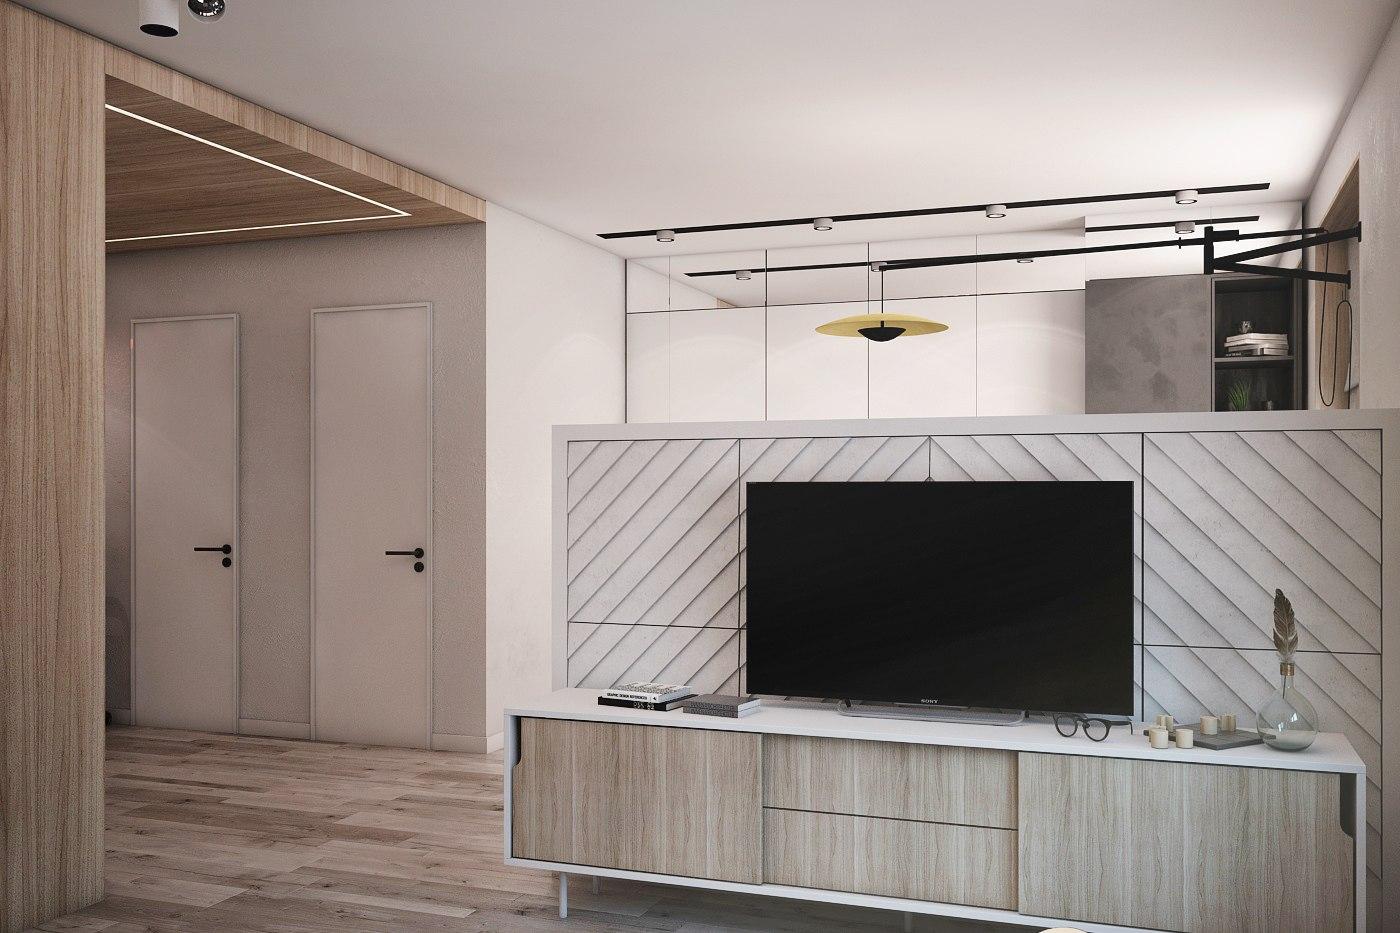 Проект квартиры-студии типовой квадратной планировки неизвестного метража.